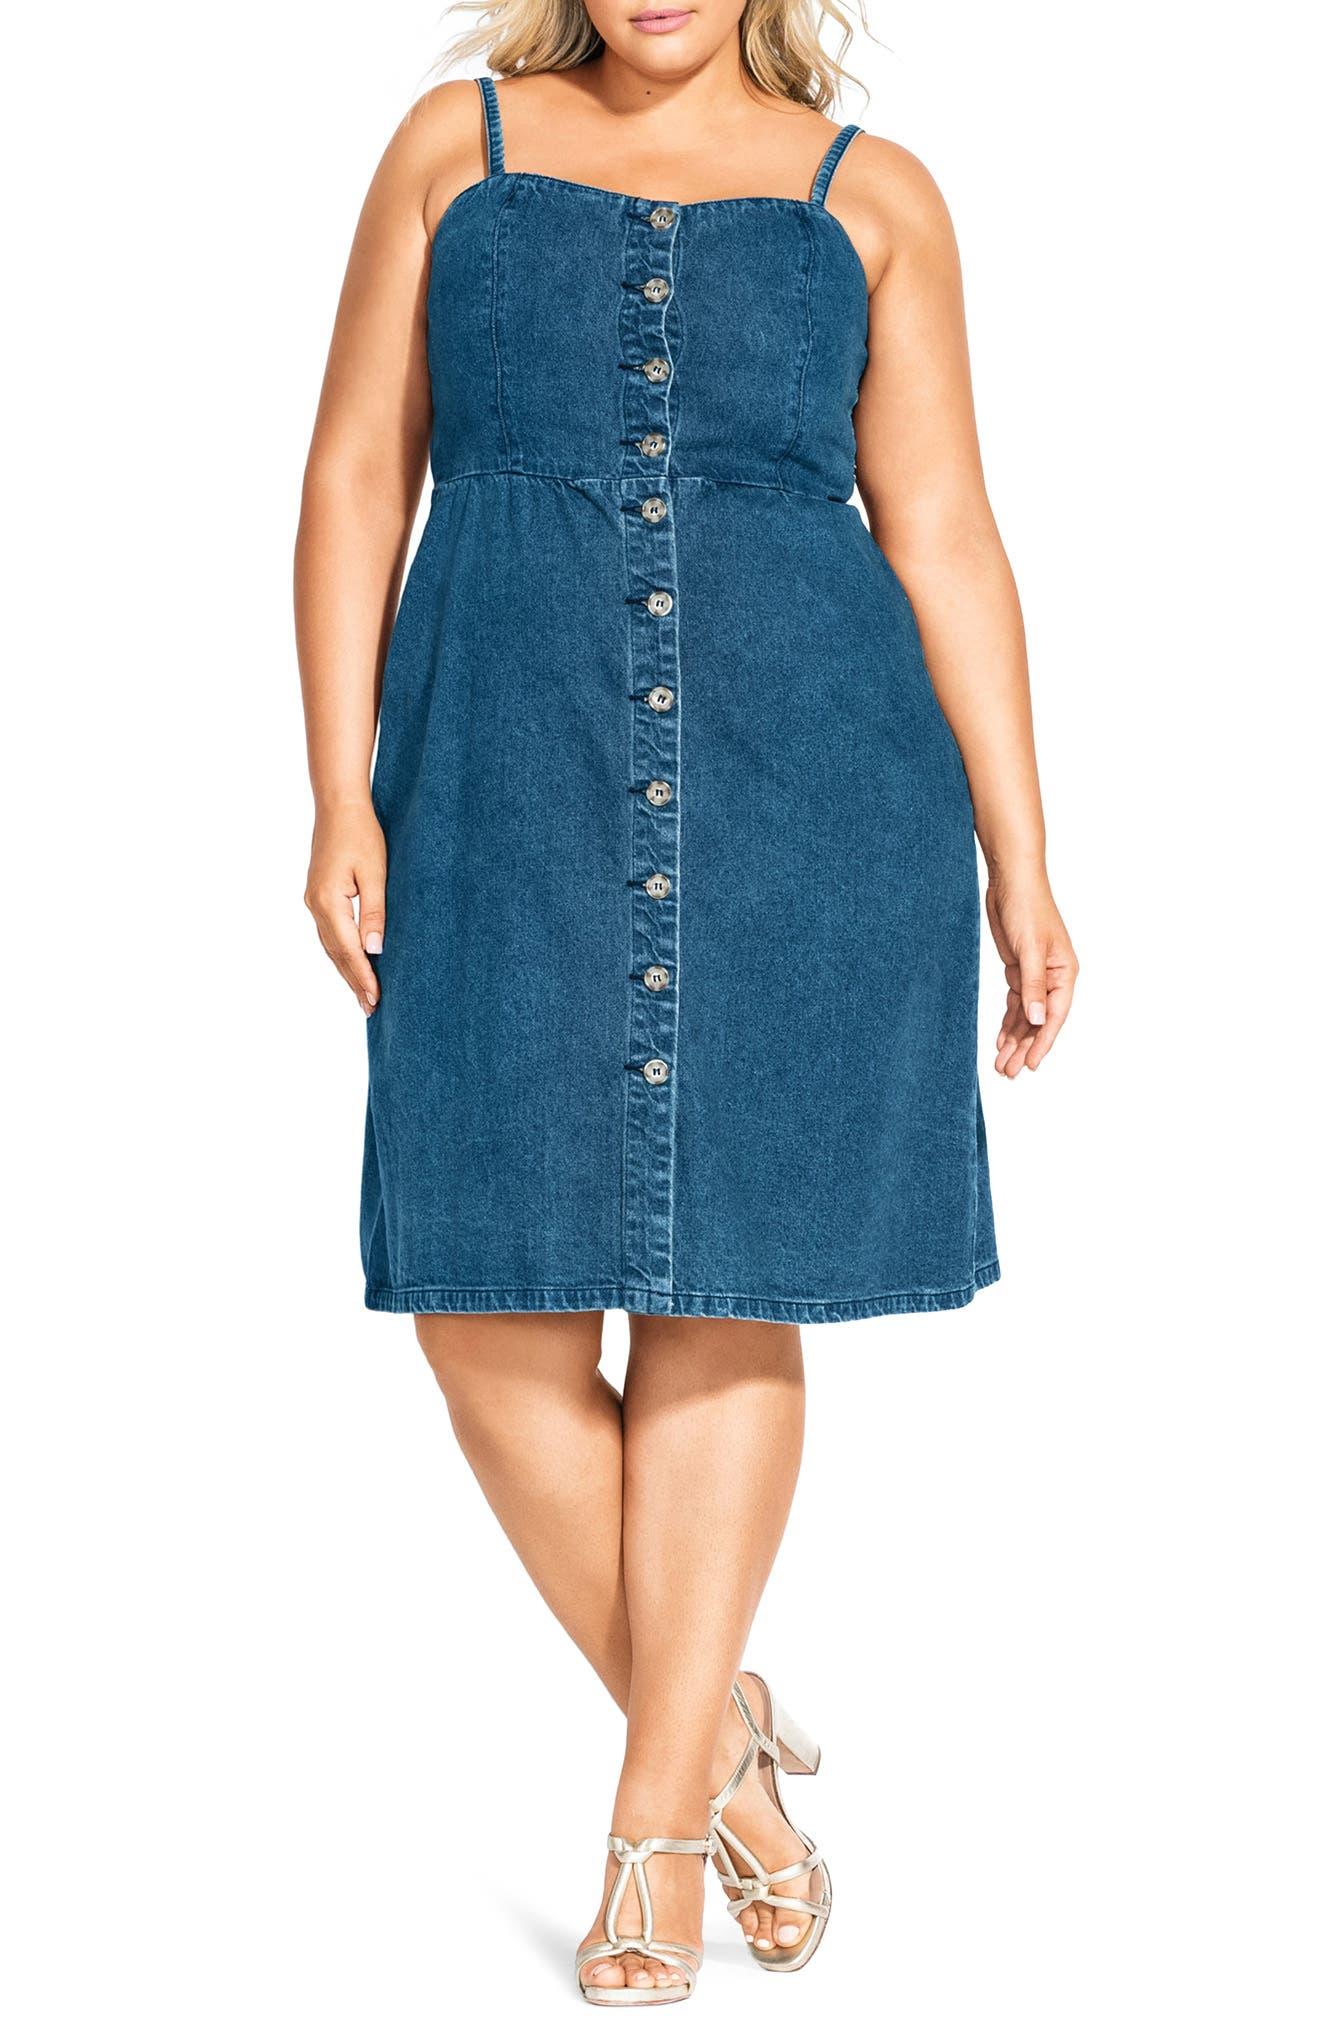 Plus Size City Chic Desire Cotton Denim Sundress, Blue